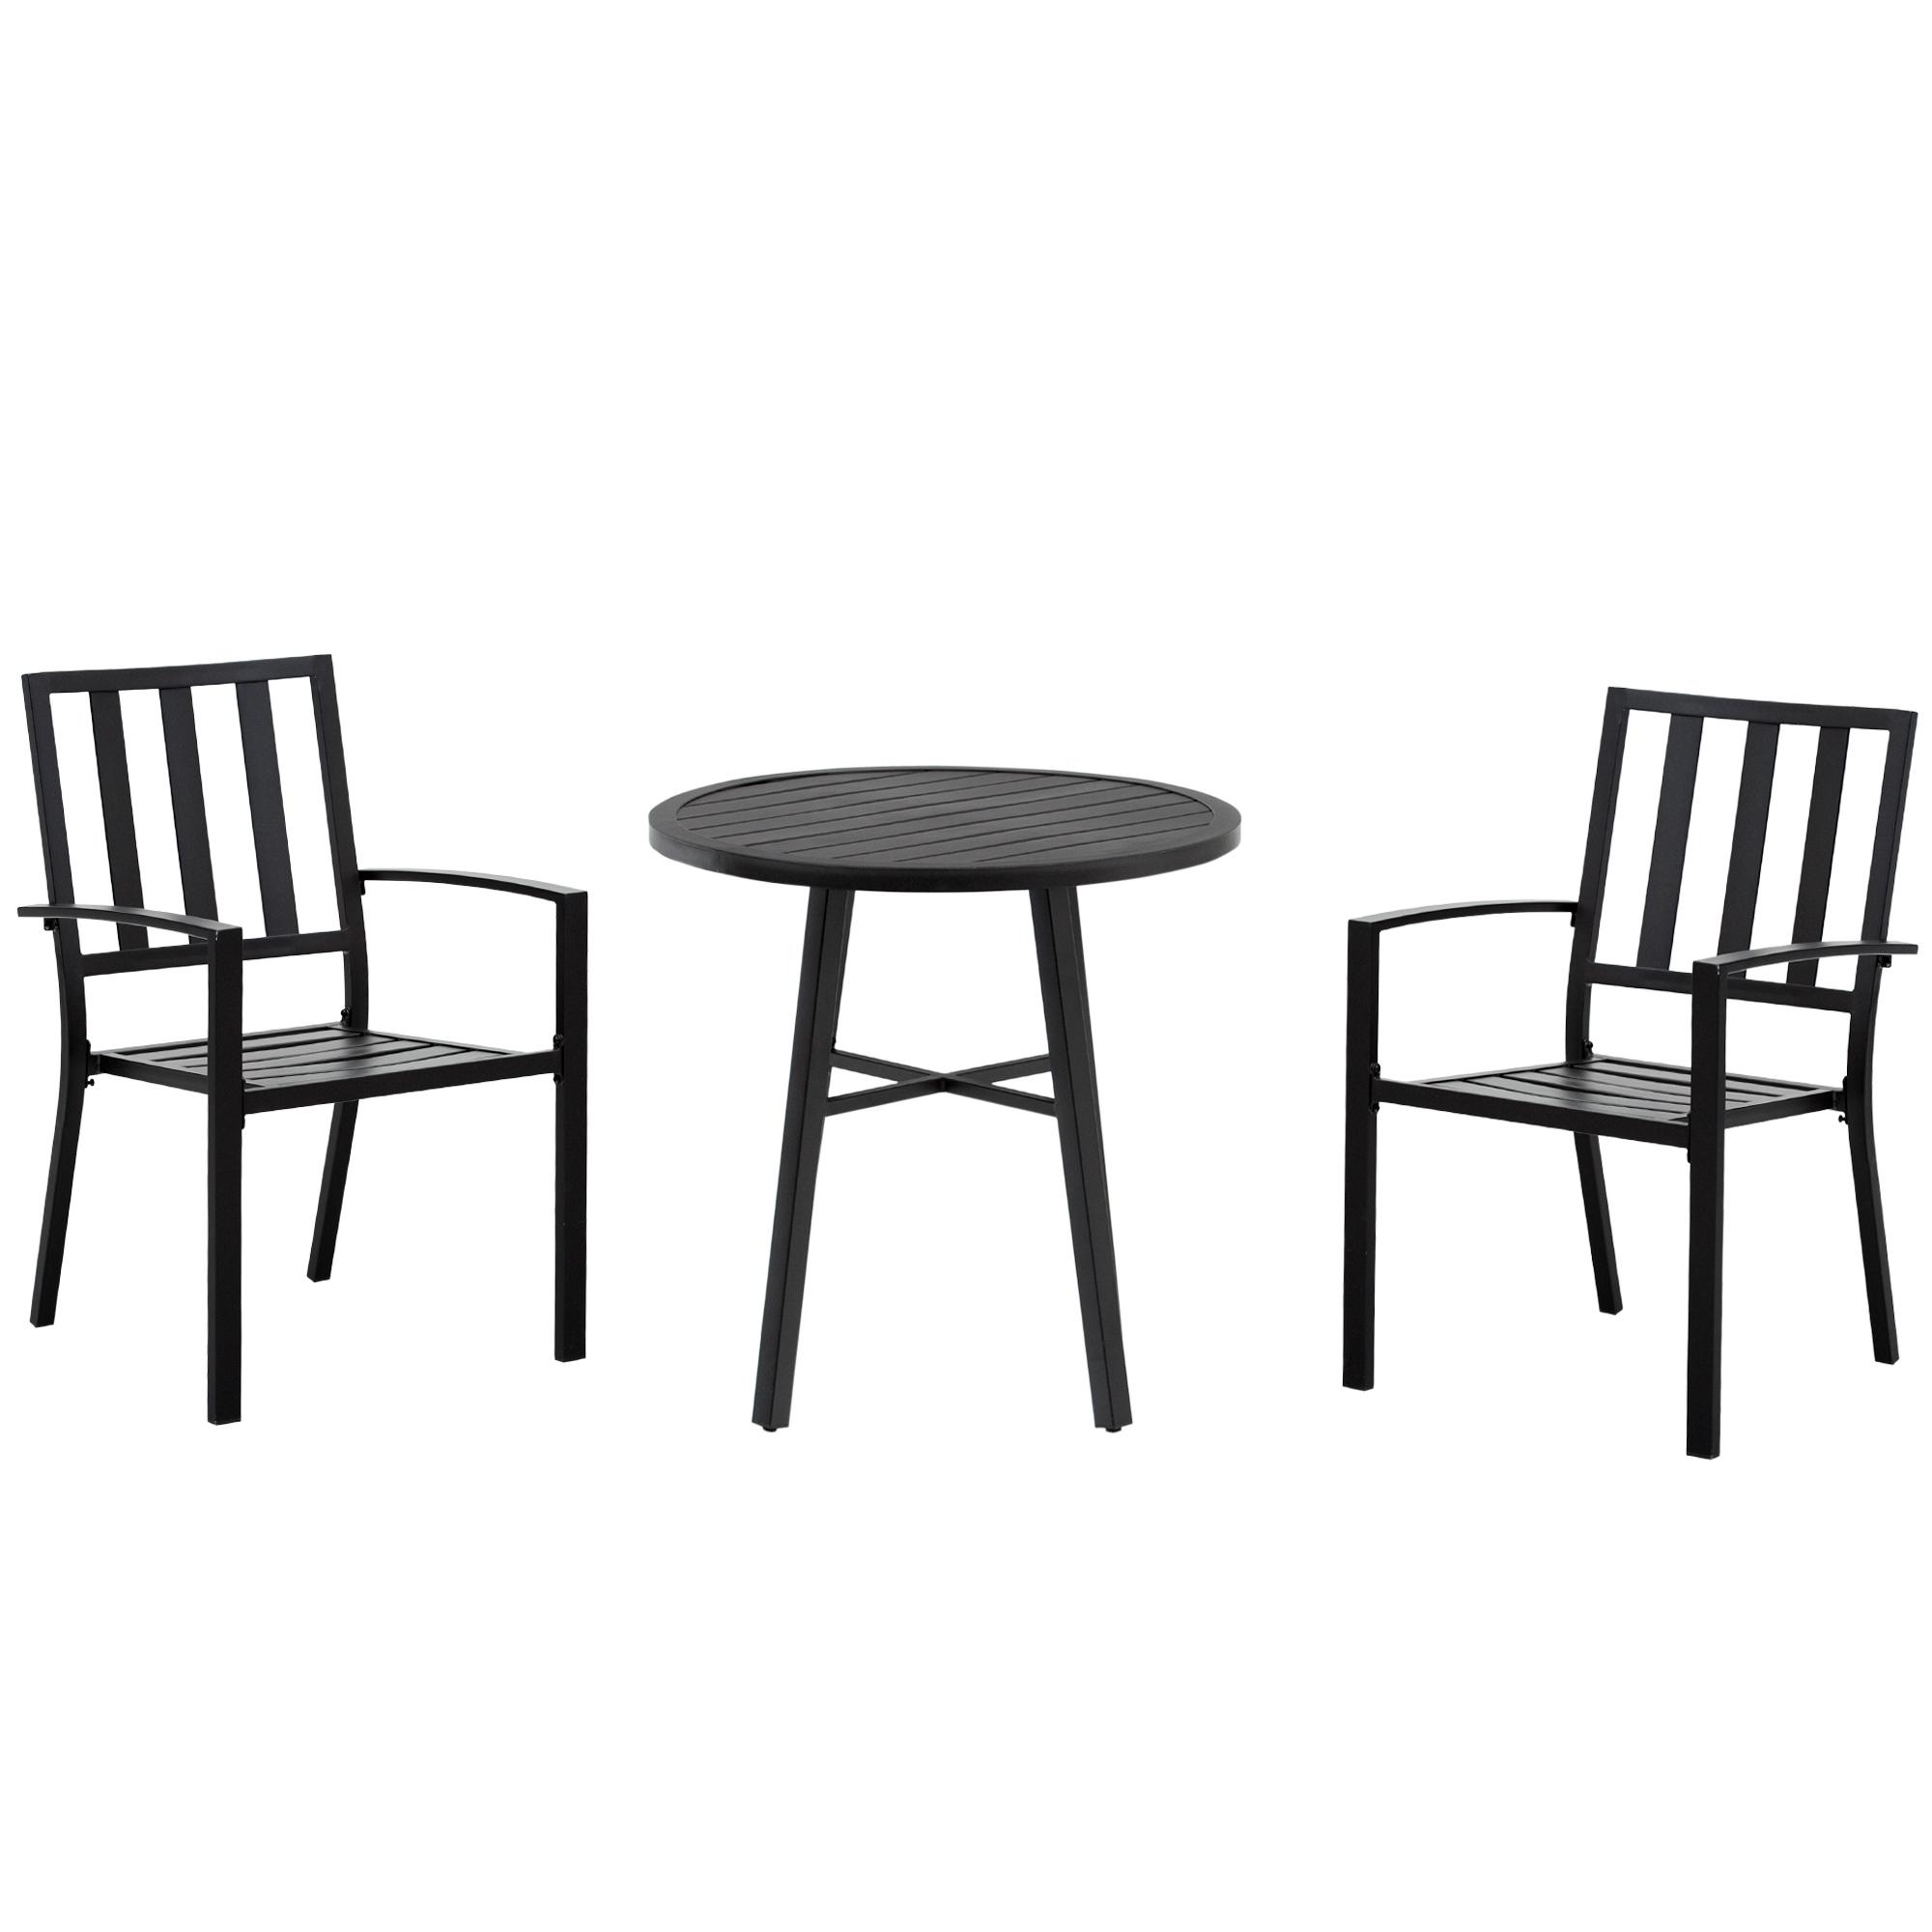 Salon de jardin 2 places 3 pièces style contemporain acier époxy noir